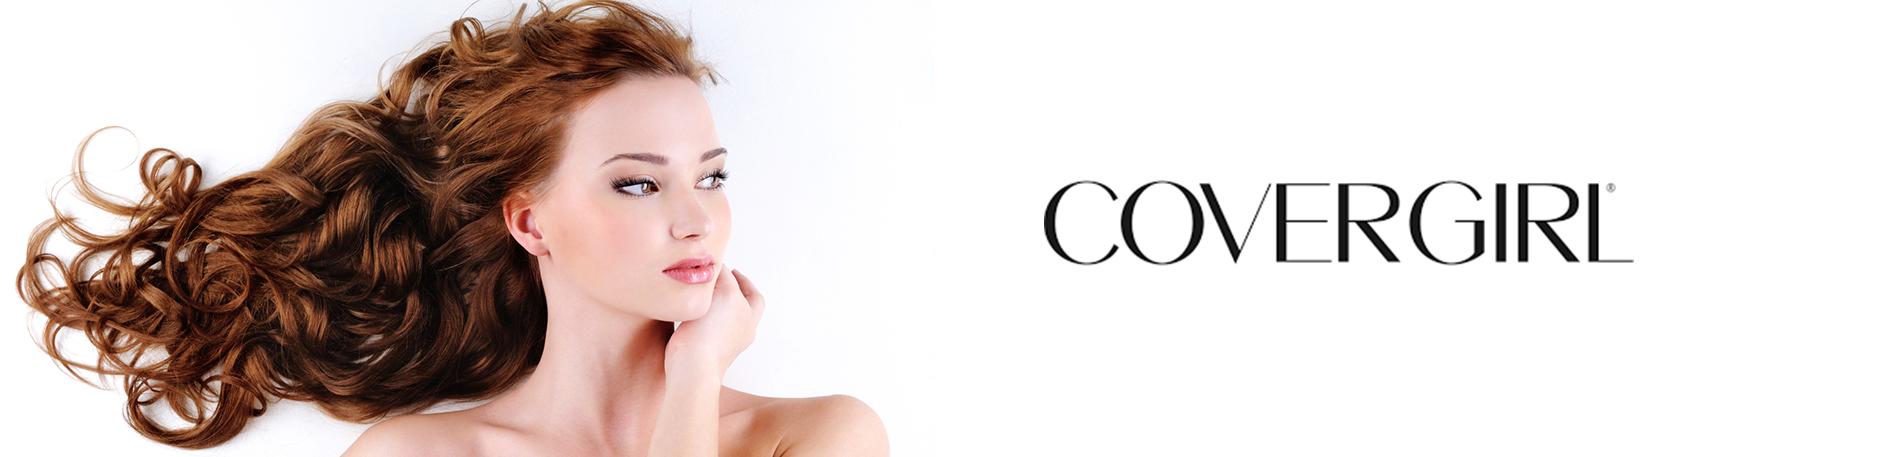 covergirl-banner2.jpg